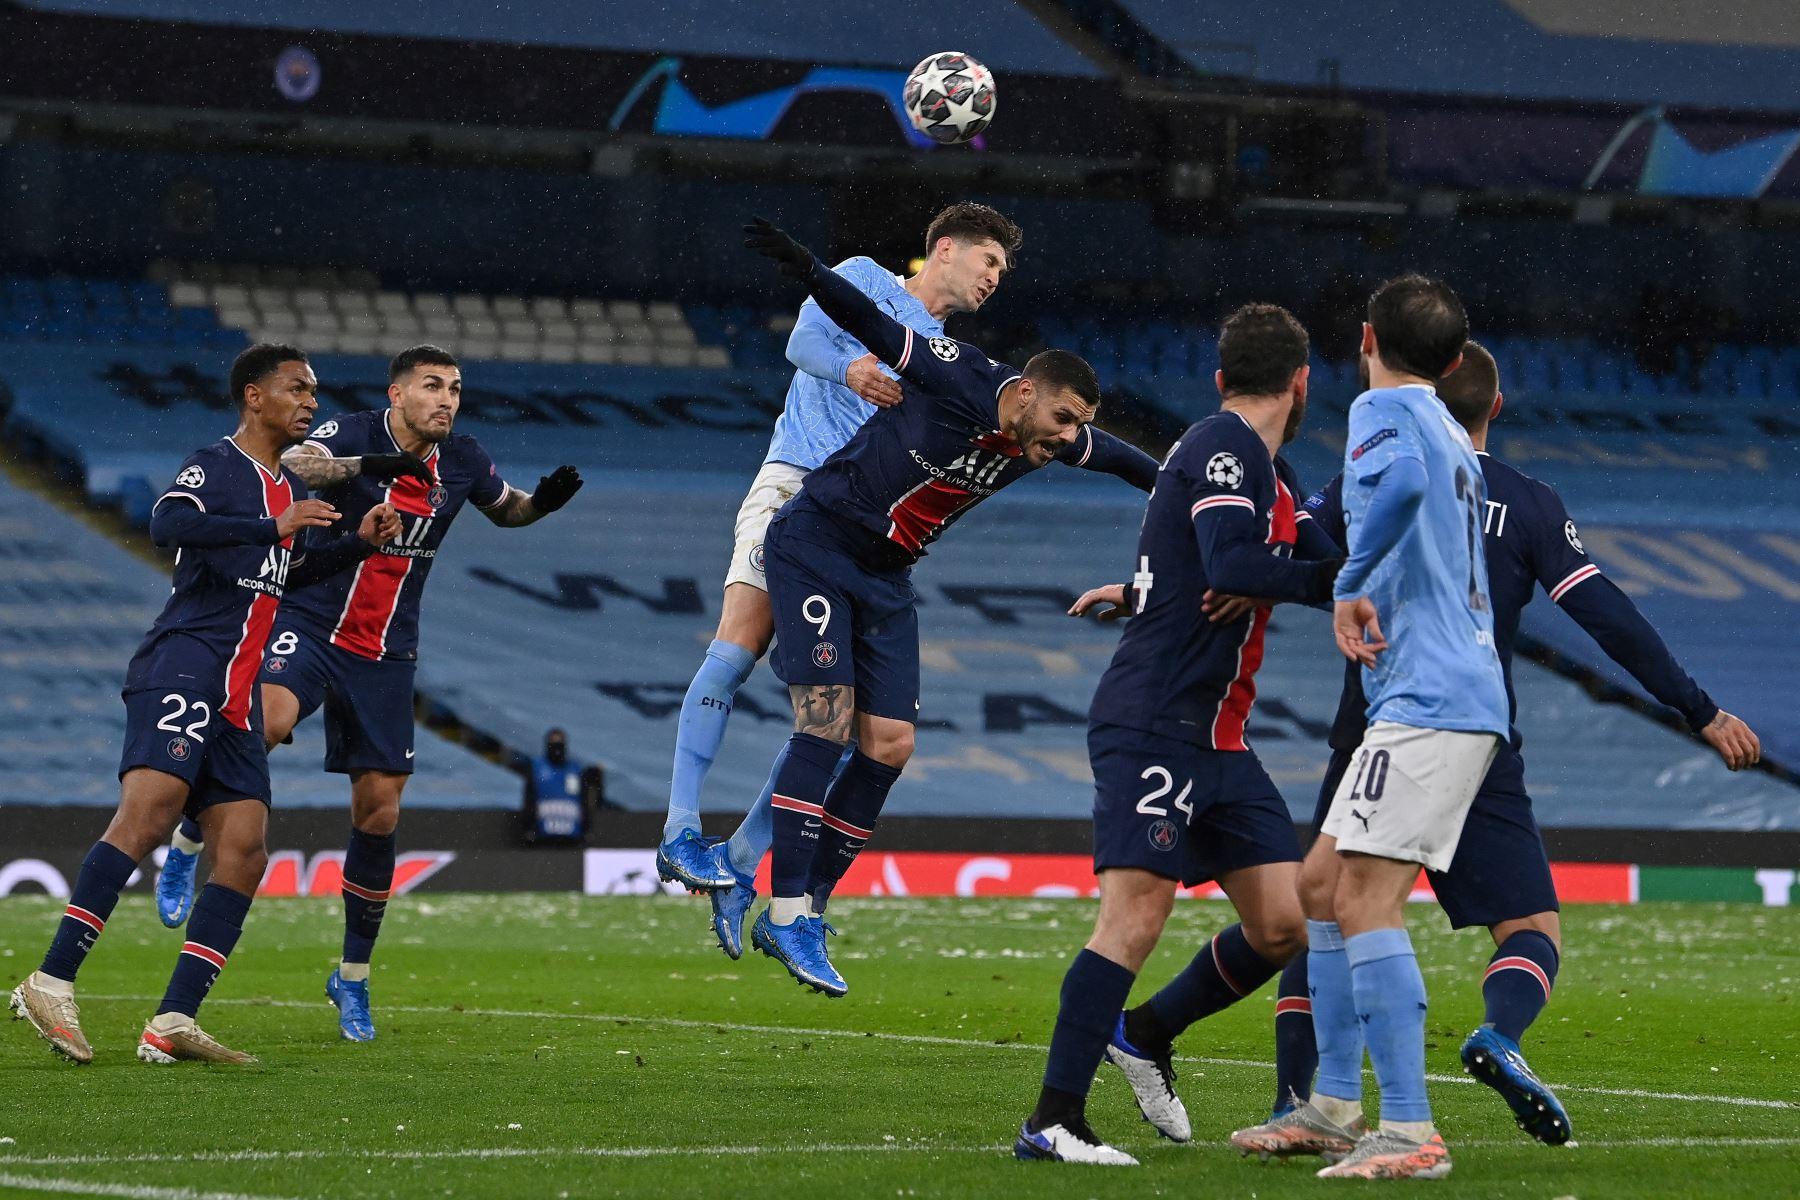 El defensor inglés del Manchester City John Stones  compite para cabecear el balón con el delantero argentino del Paris Saint-Germain Mauro Icardi durante semifinal de la Liga de Campeones de la UEFA. Foto: AFP